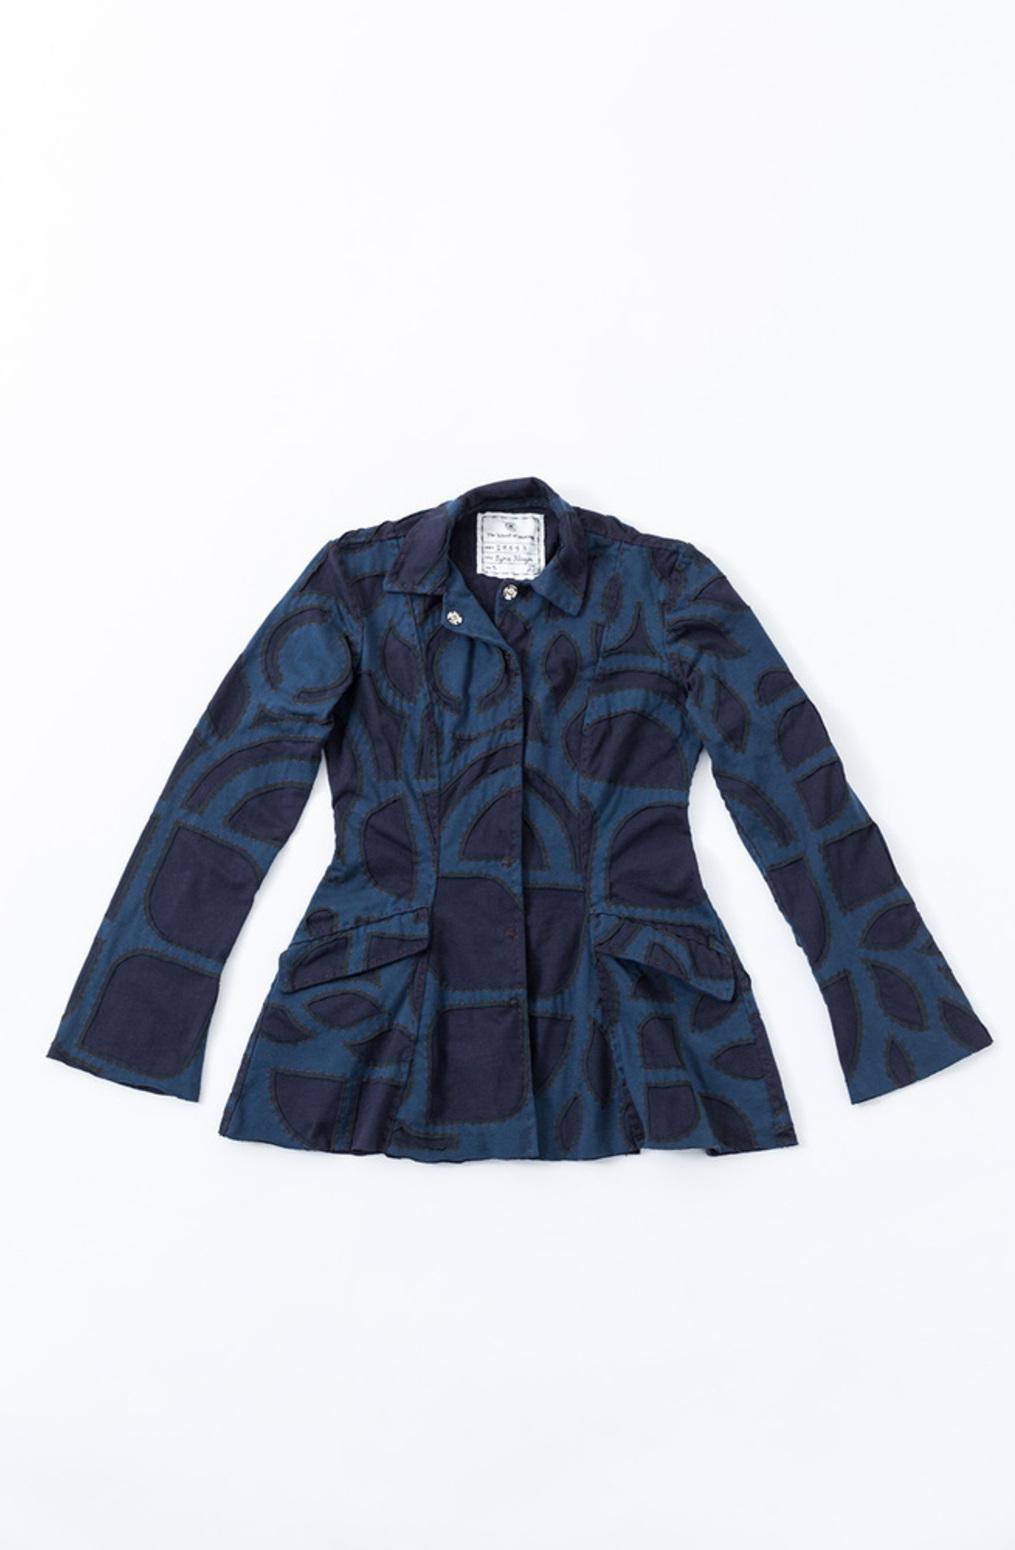 Ezra coat pattern   ezra jacket   abstract   peacock navy   a 870   29583   january 2020   abraham rowe1